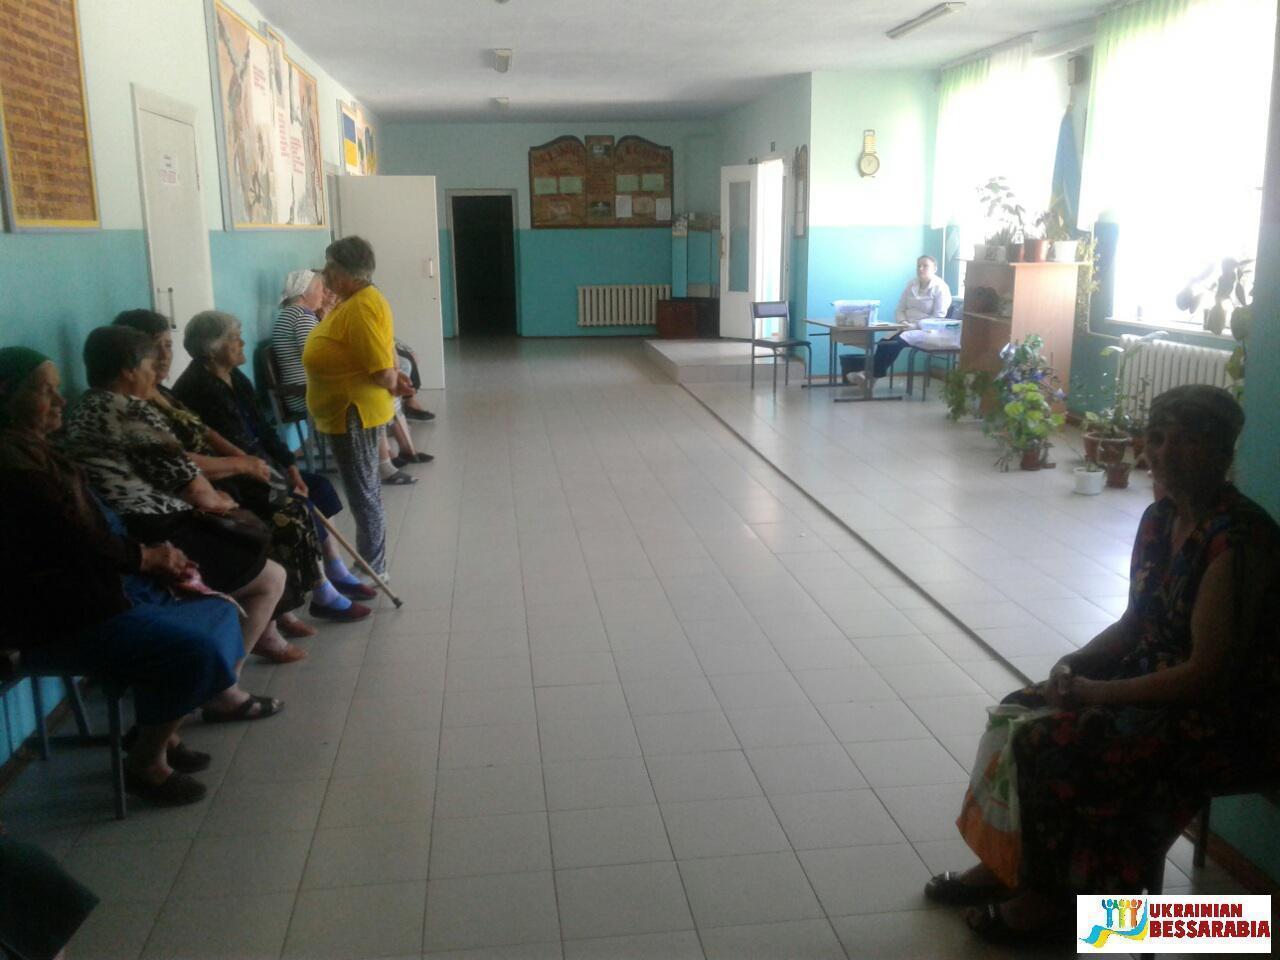 школьный медосмотр ... предоставив помещение учебного заведения для работы комиссии, а также  школьный автобус для организованного подвоза жителей села Васильевка.